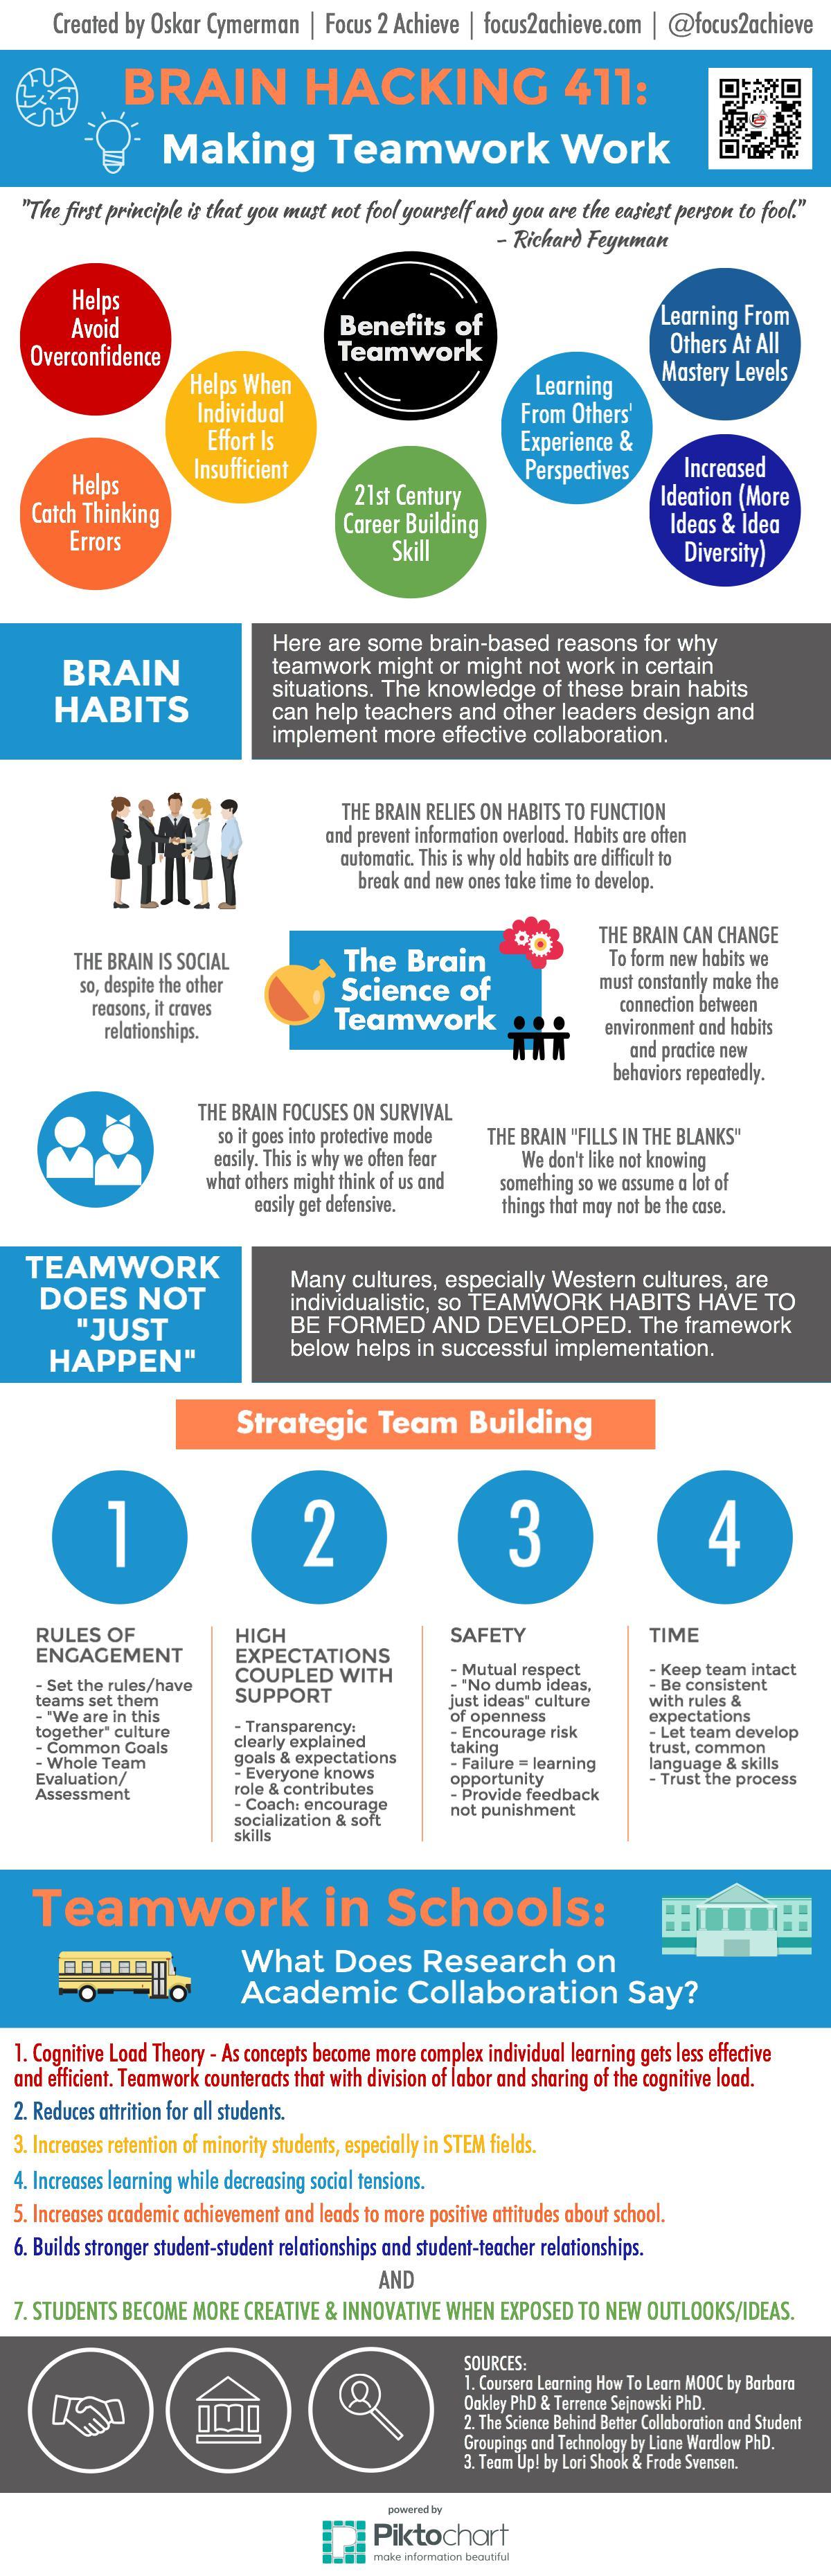 Brain Hacking 411 Making Teamwork Work